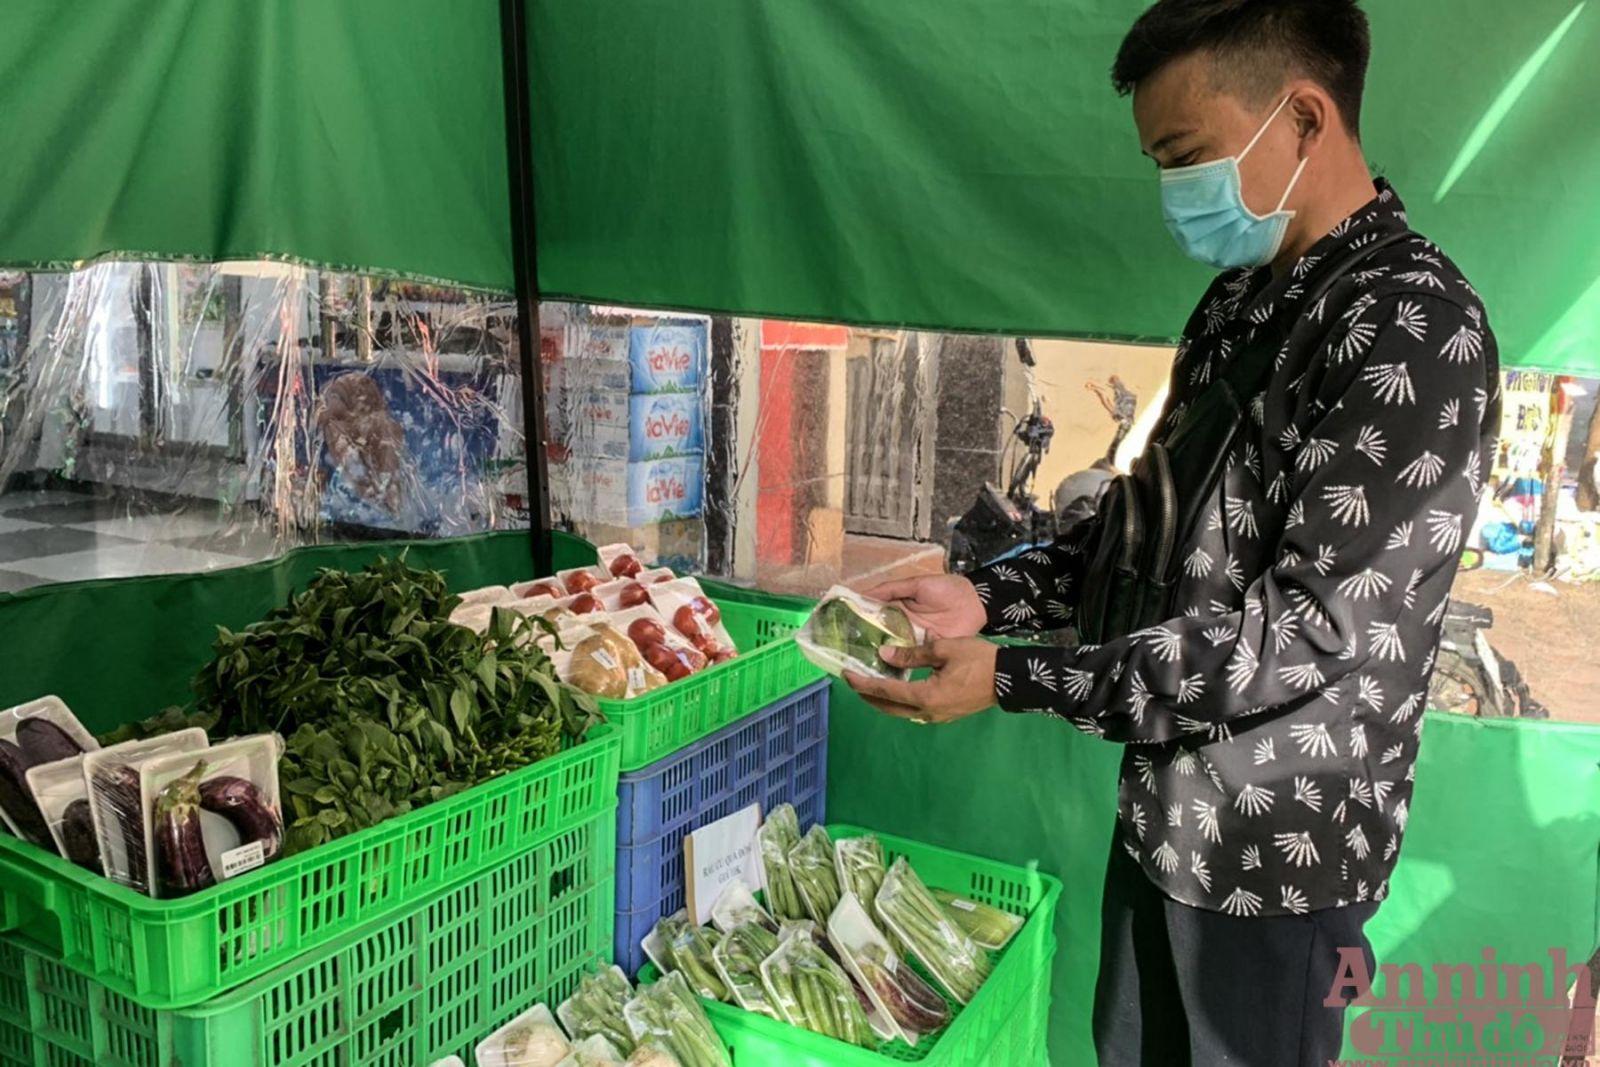 Các loại rau củ cũng có ở cửa hàng